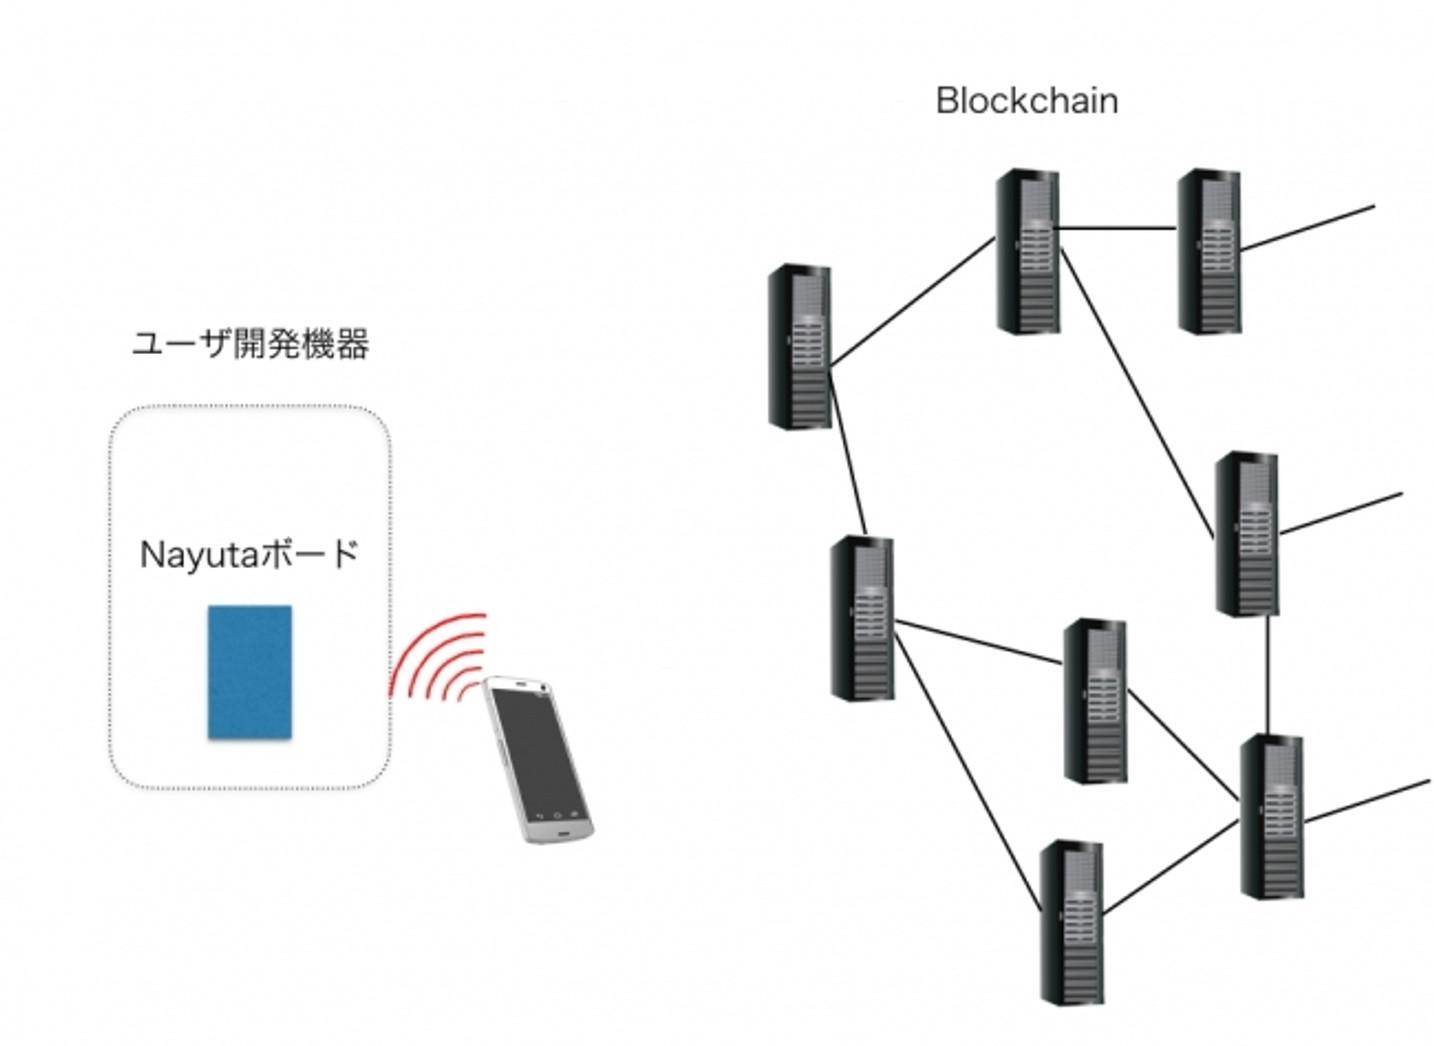 ブロックチェーン技術を応用した使用権をコントロールできる 電源ソケットのプロトタイプを開発 | 株式会社Nayuta